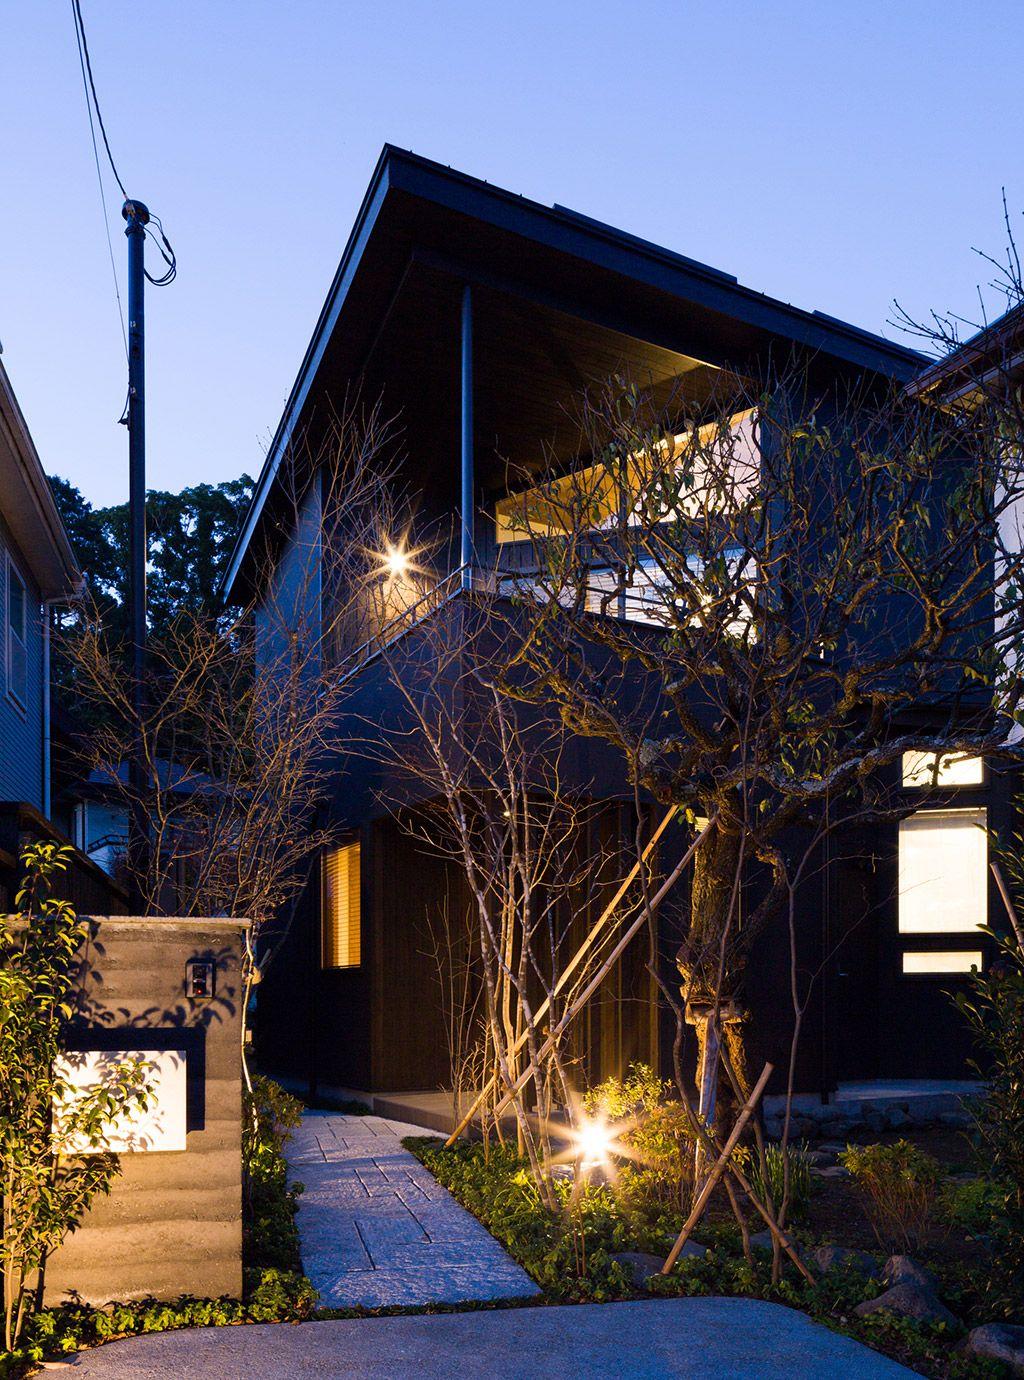 深軒のテラスがある家 鎌倉 神奈川県鎌倉市の一級建築士事務所 Sデザイン設計 住宅 家 無垢 漆喰 木造 意匠 インテリア等 建築士 ホームウェア 家